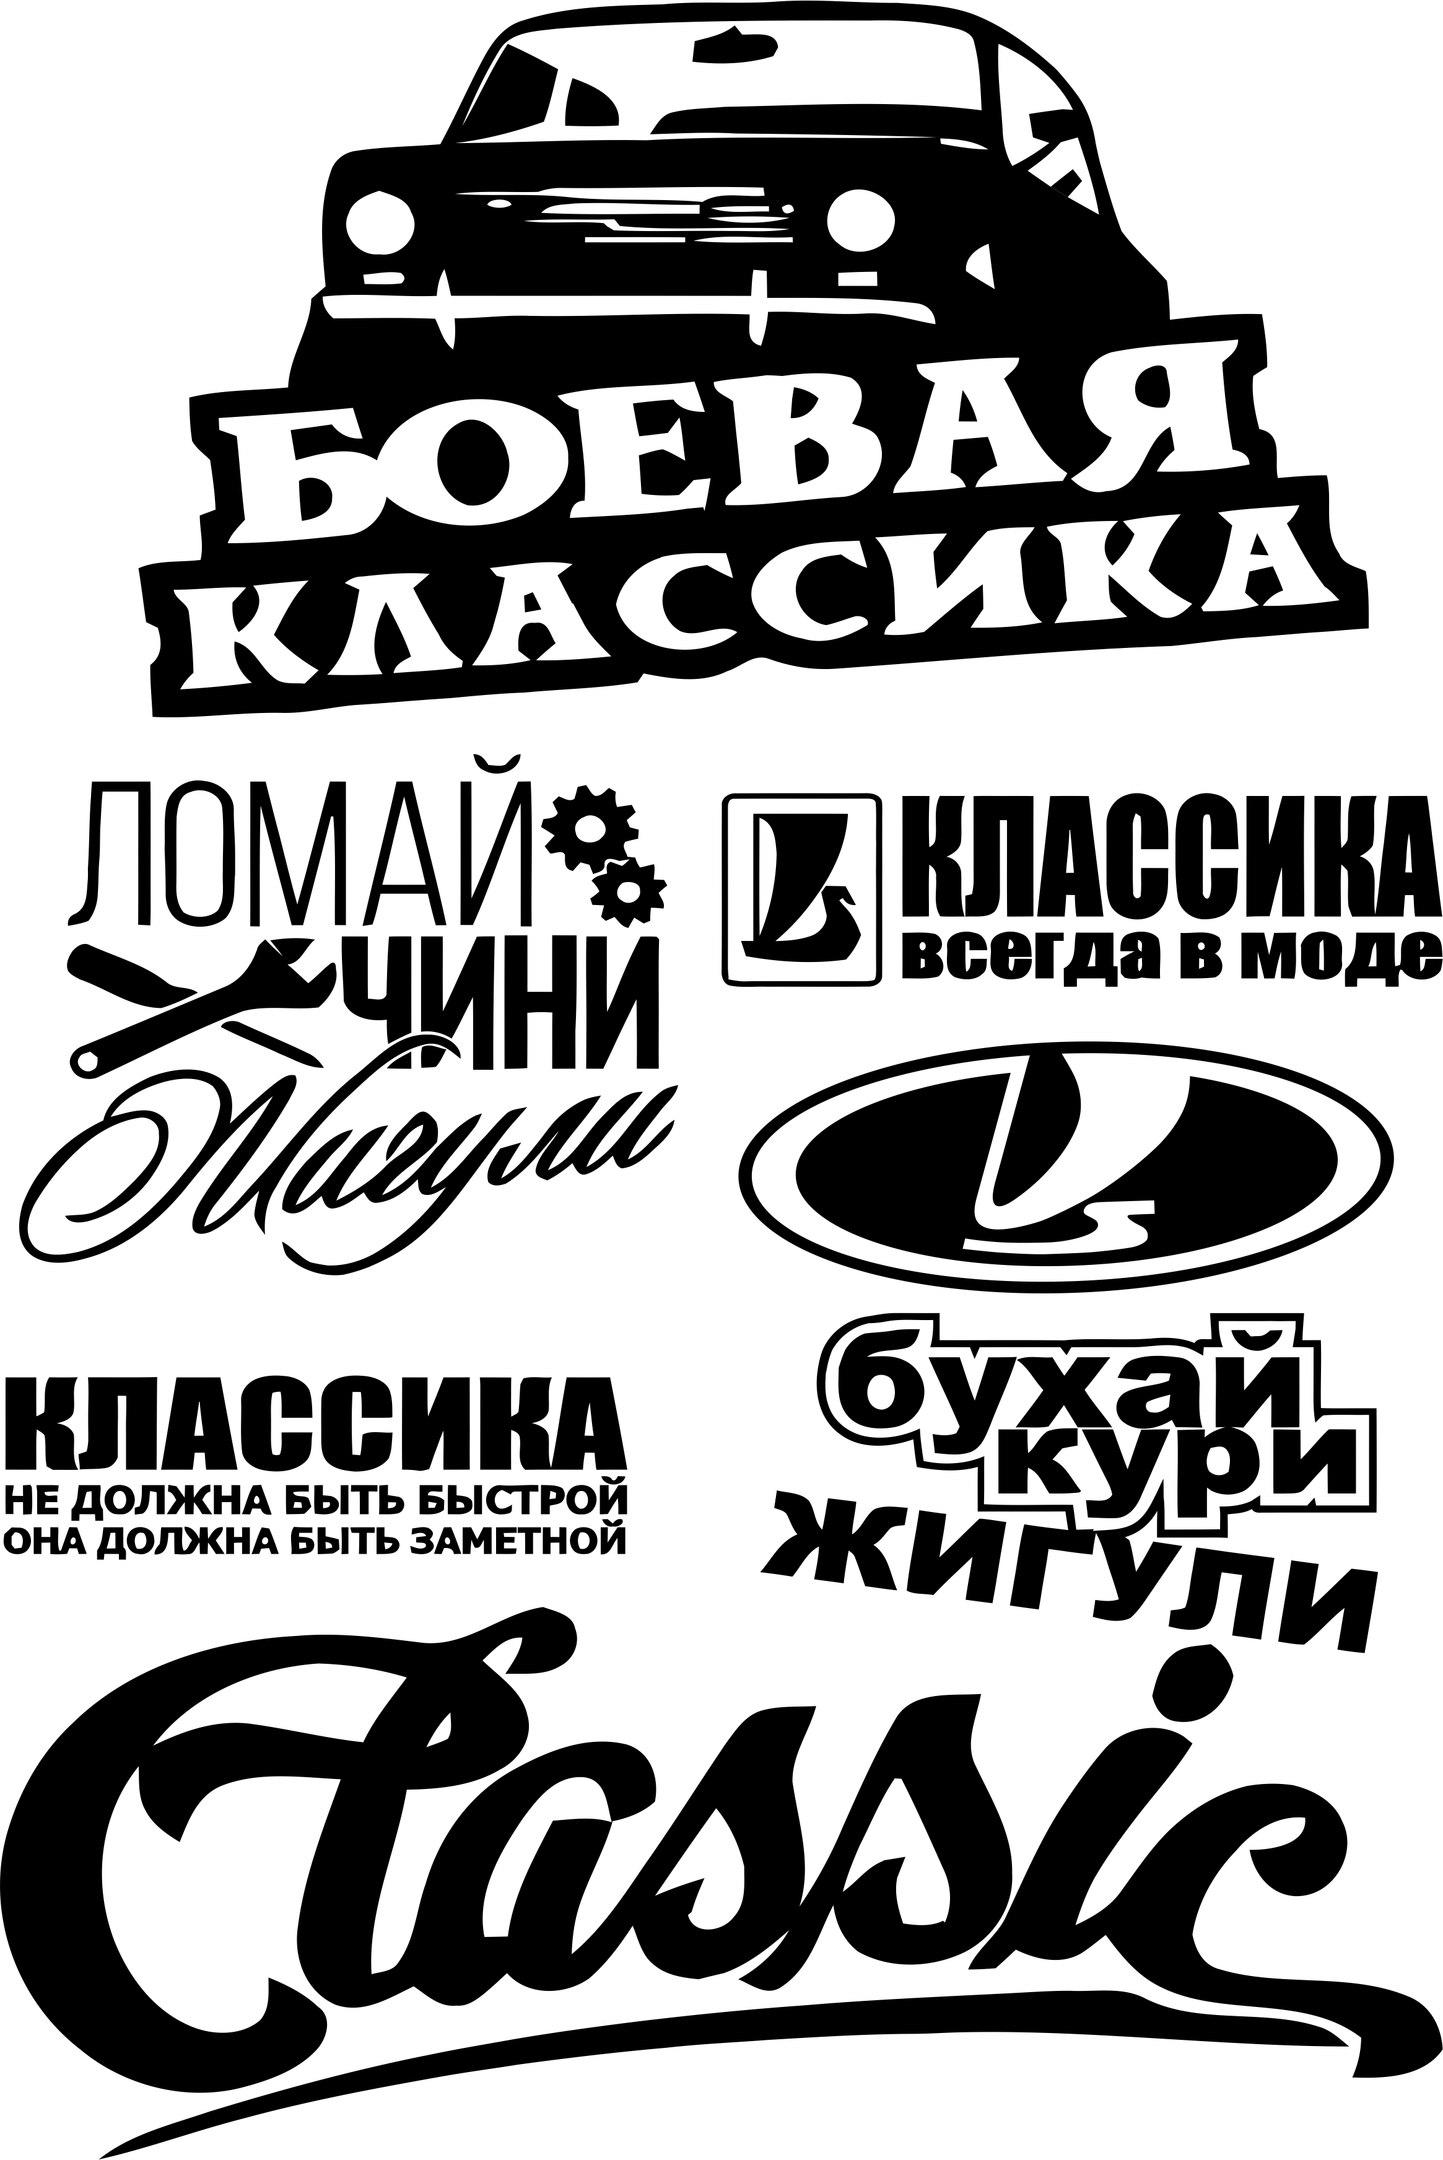 Zhiga Vector Pack Free CDR Vectors Art